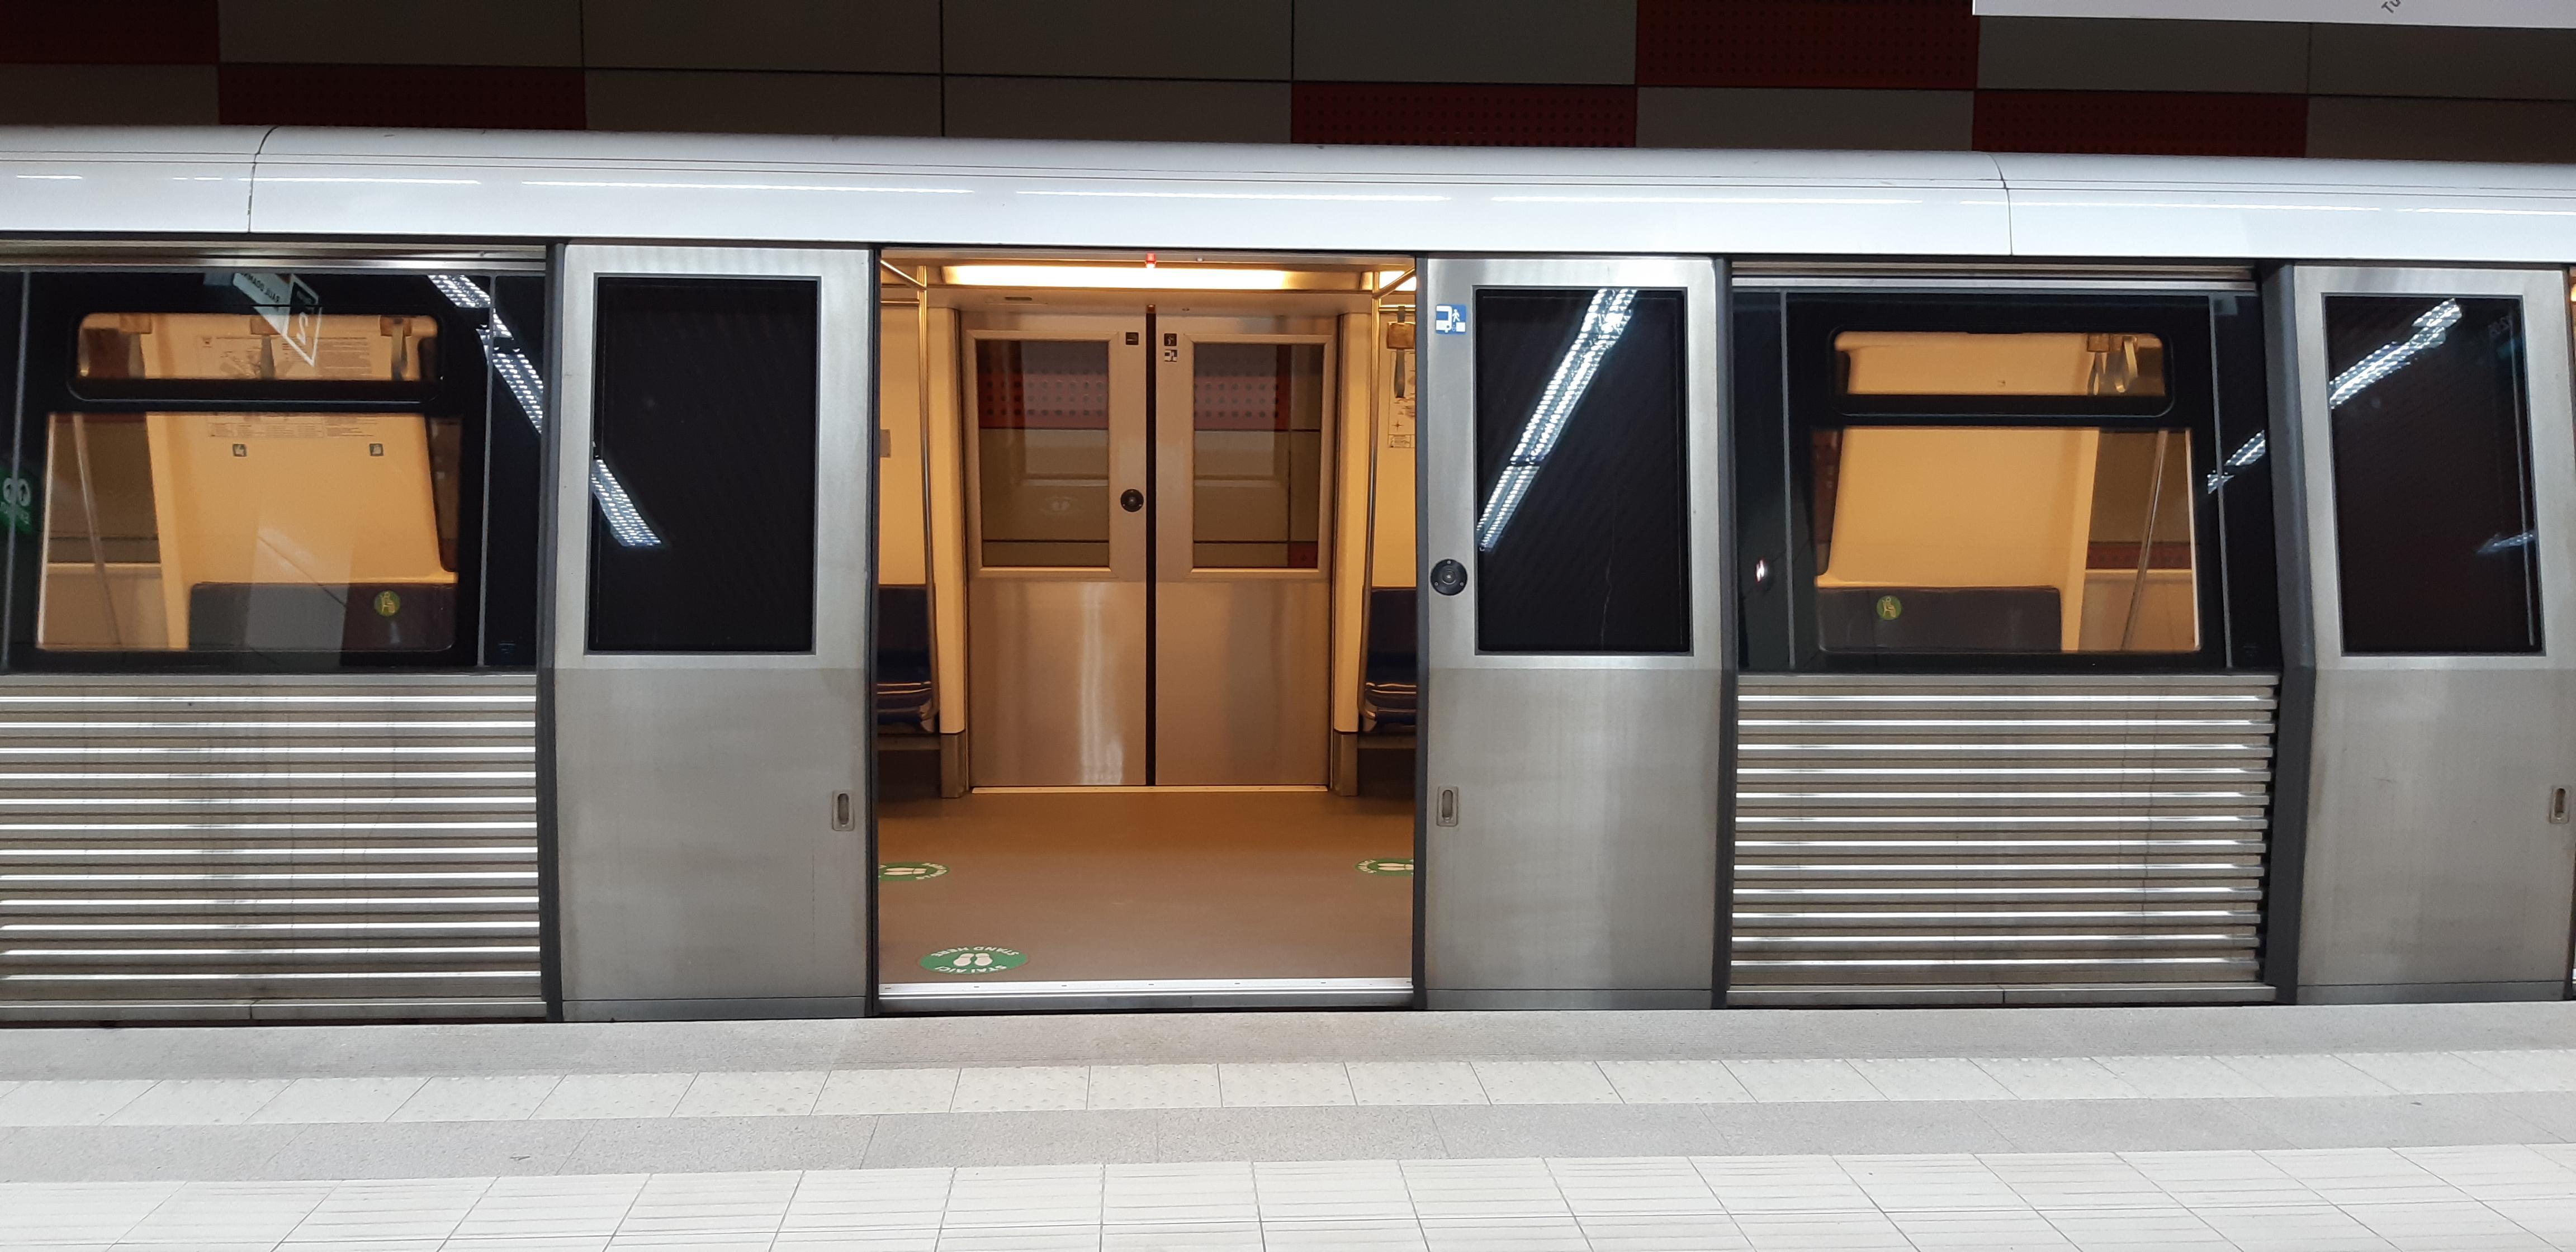 Scumpirea cartelelor de metrou este posibilă din iunie. Ce măsuri iau oficialii Metrorex pentru reducerea pagubelor din buget